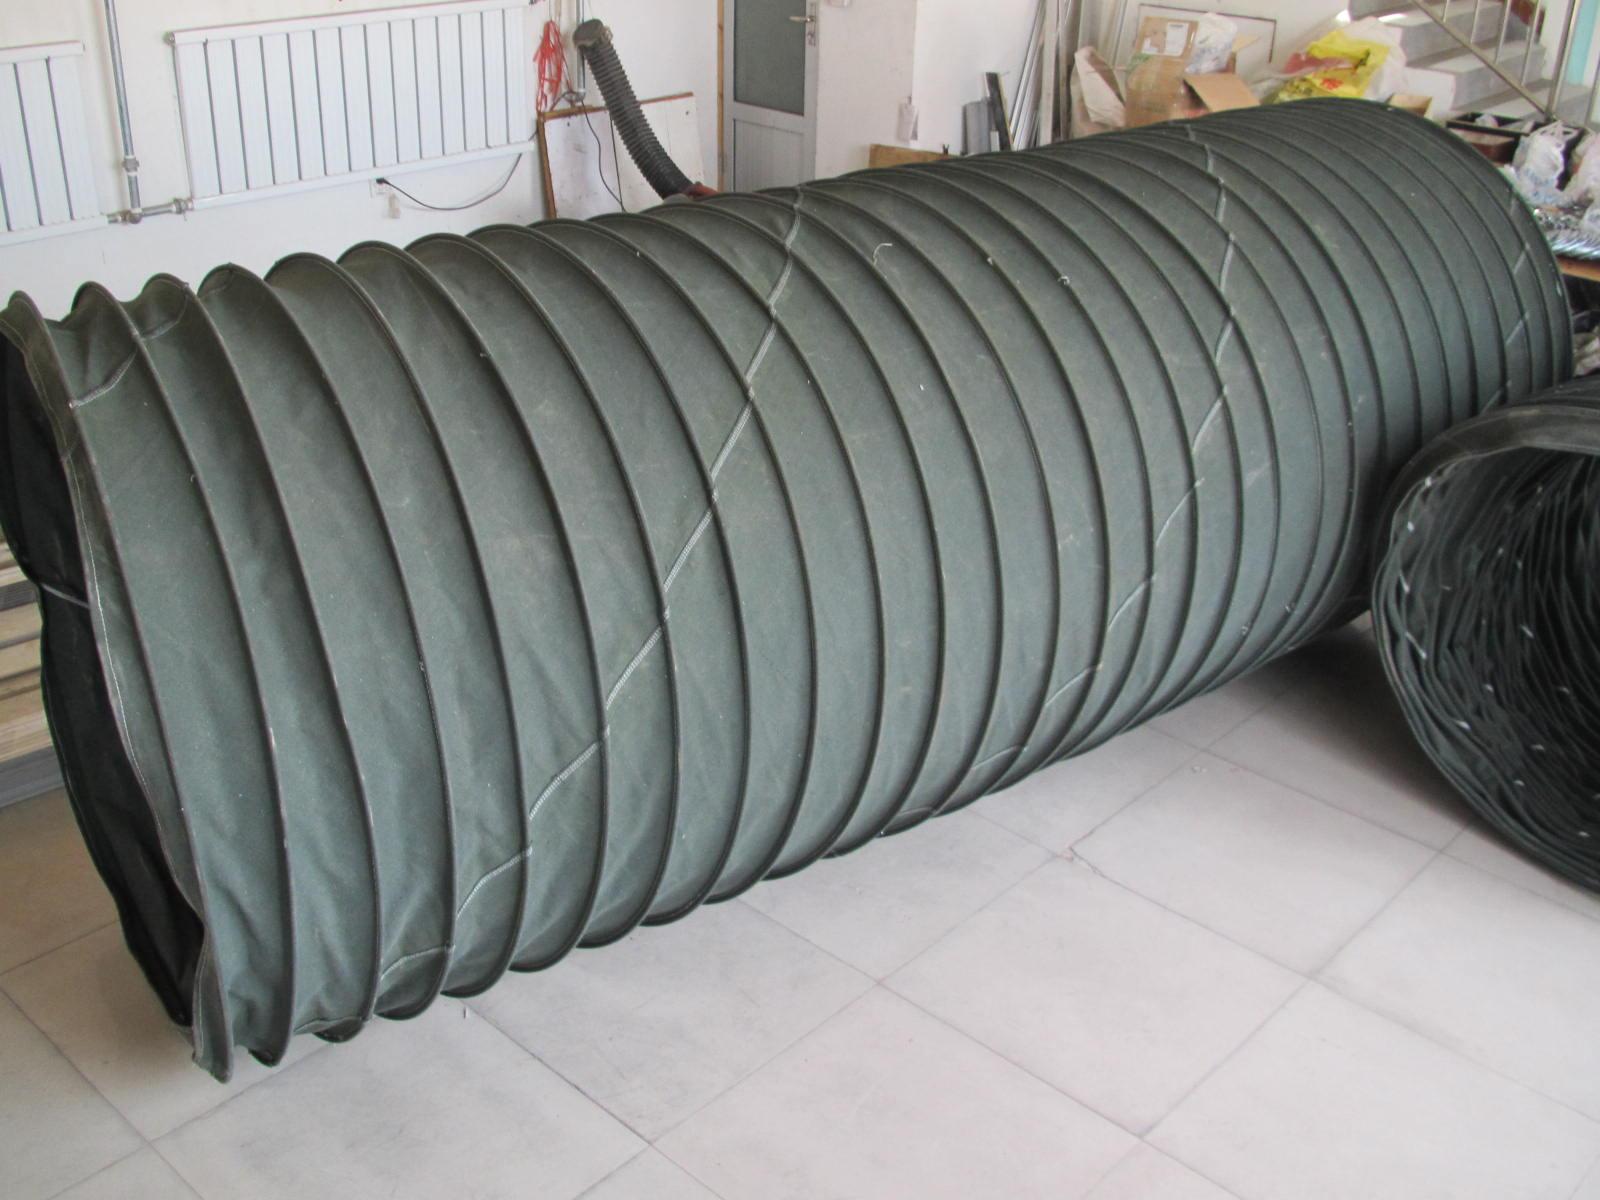 结构严紧管道风机通风软连接 结构严紧管道风机通风软连接产品具备结构严紧、合理、无噪音、行程大、运动快、使用寿命长等特点。衬托骨架选用φ5-8mm的钢丝,壁厚可达1.5-3mm、规格一般为φ300、320、350、400、650、720、840、1000、1240mm长度一般为1500、2000、2500、3000、3500mm 我厂有专业的打圈缝纫设备,其做工;外观美观,内部平整做工精细,使用寿命可往返使用上百万次。 结构严紧管道风机通风软连接产品特点: 1、 多向补偿:非金属补偿器可以在